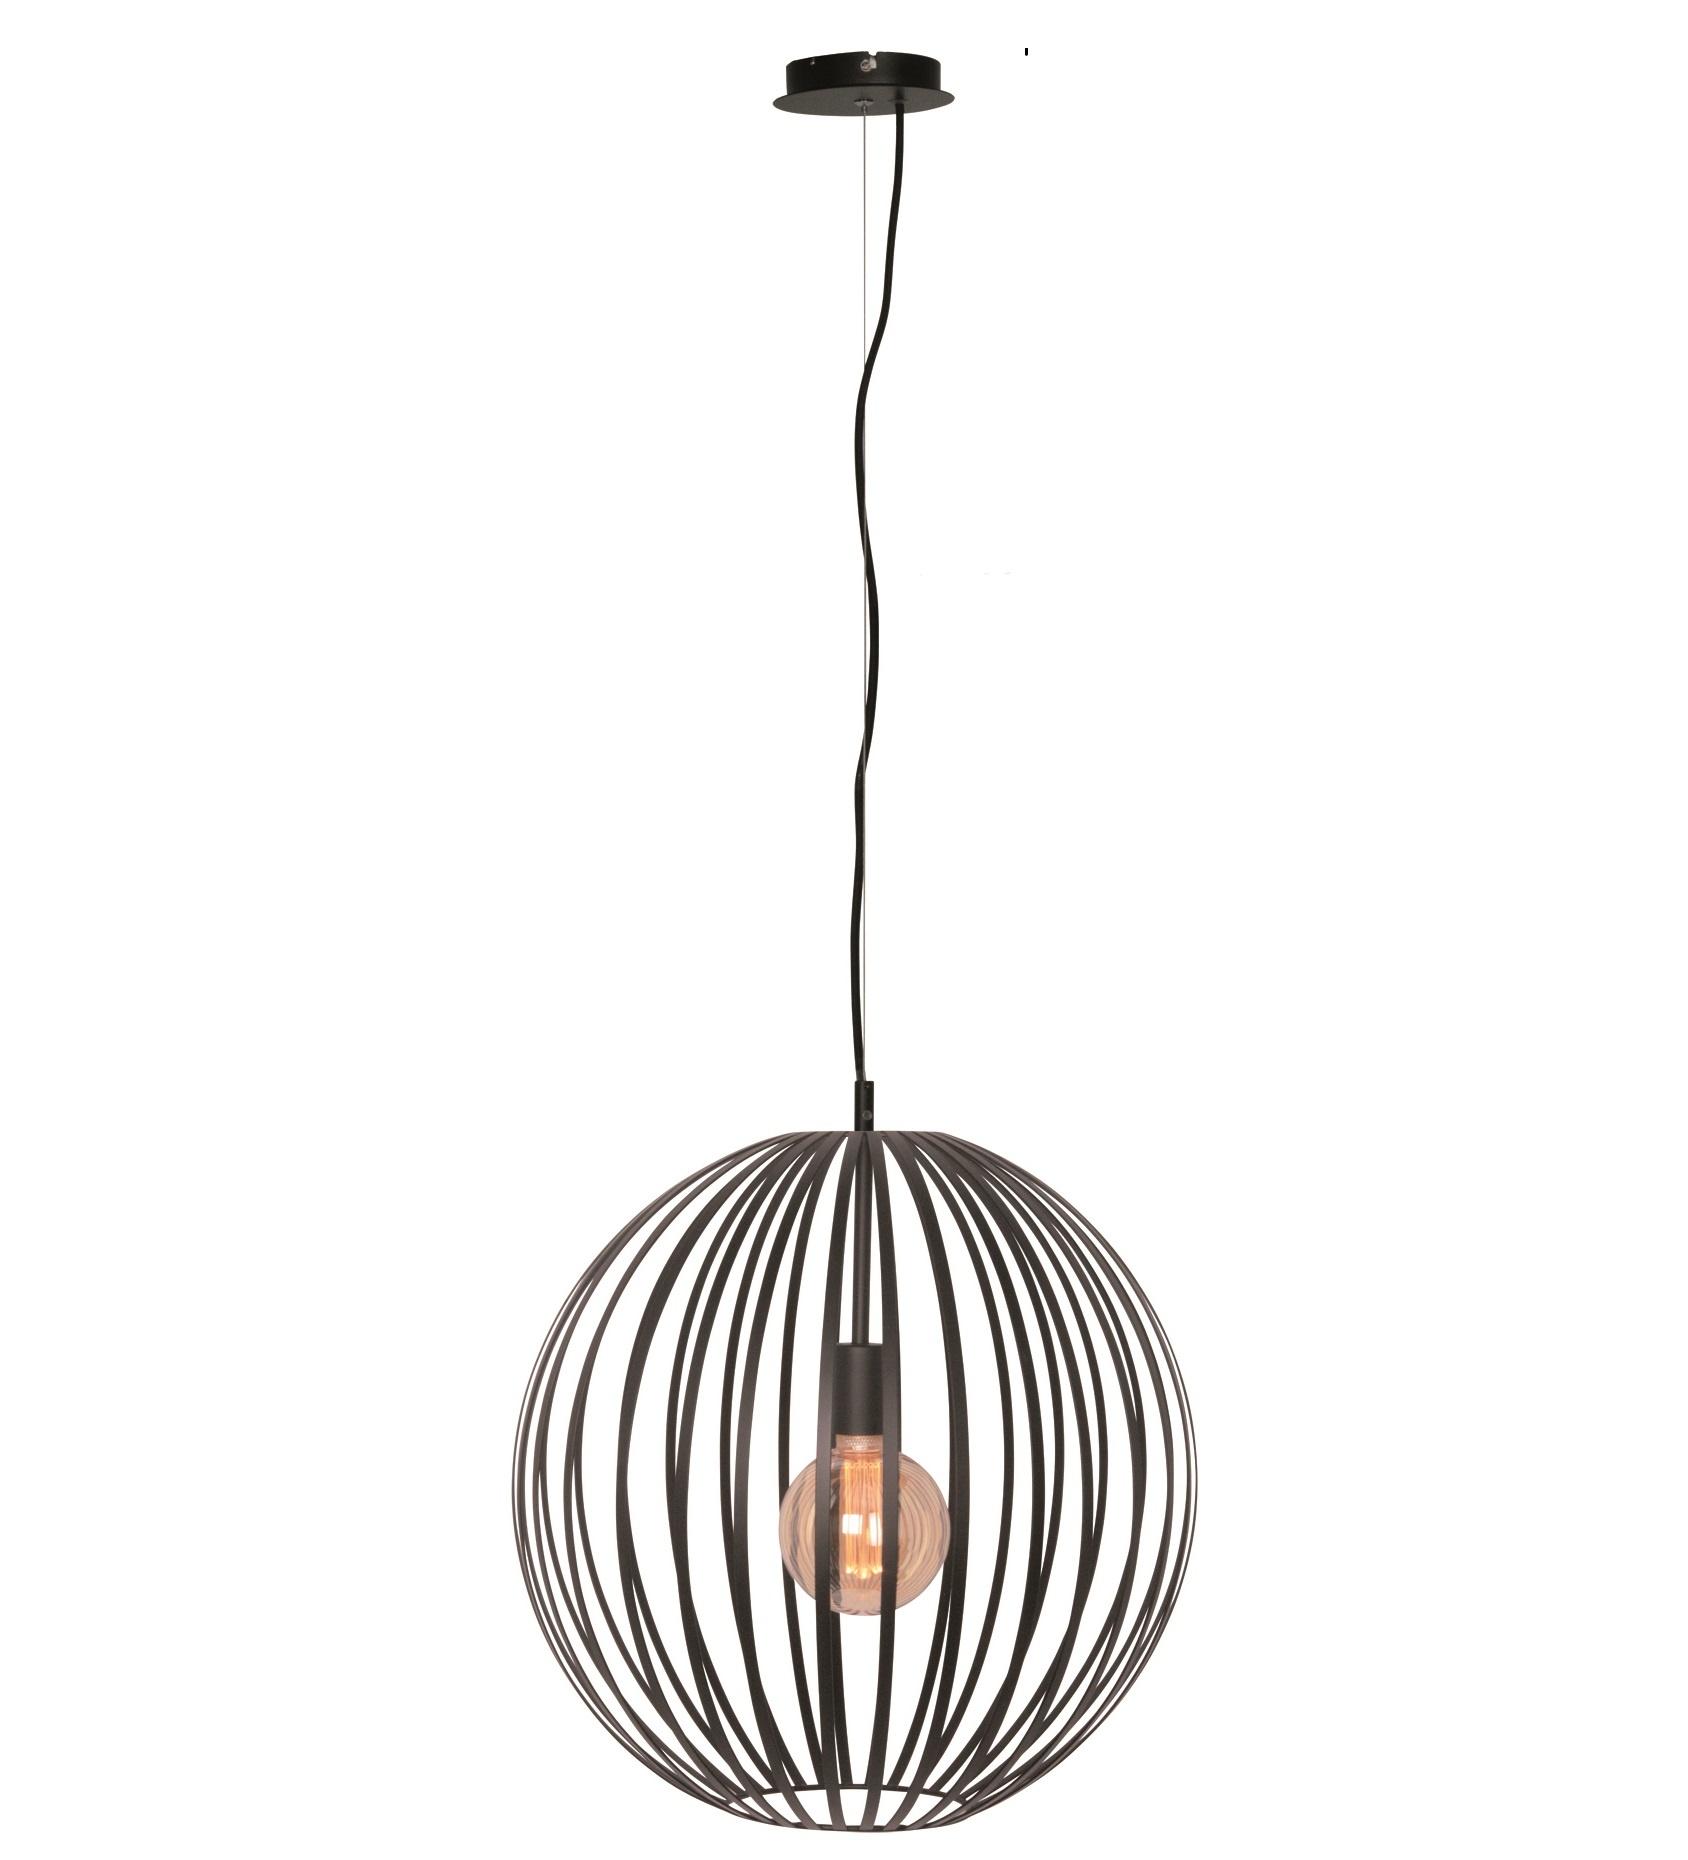 Hanglamp Tres Mat Zwart 50cm |  | 8718444959045